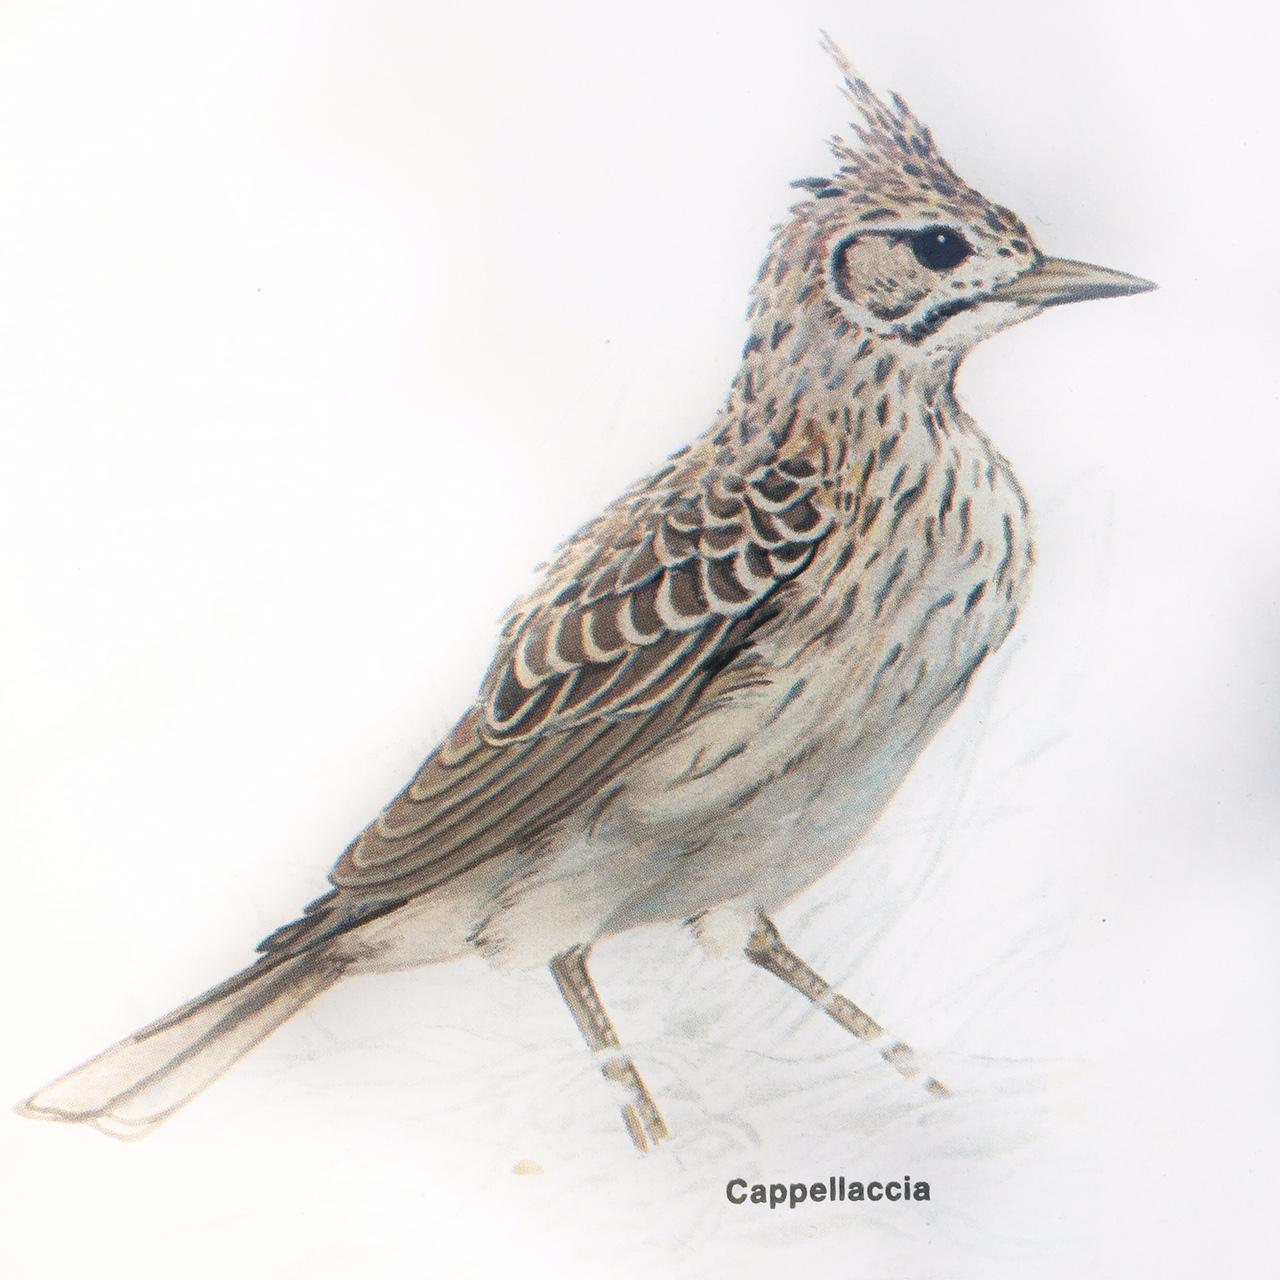 Vogelnamen in het Italiaans: cappellaccia